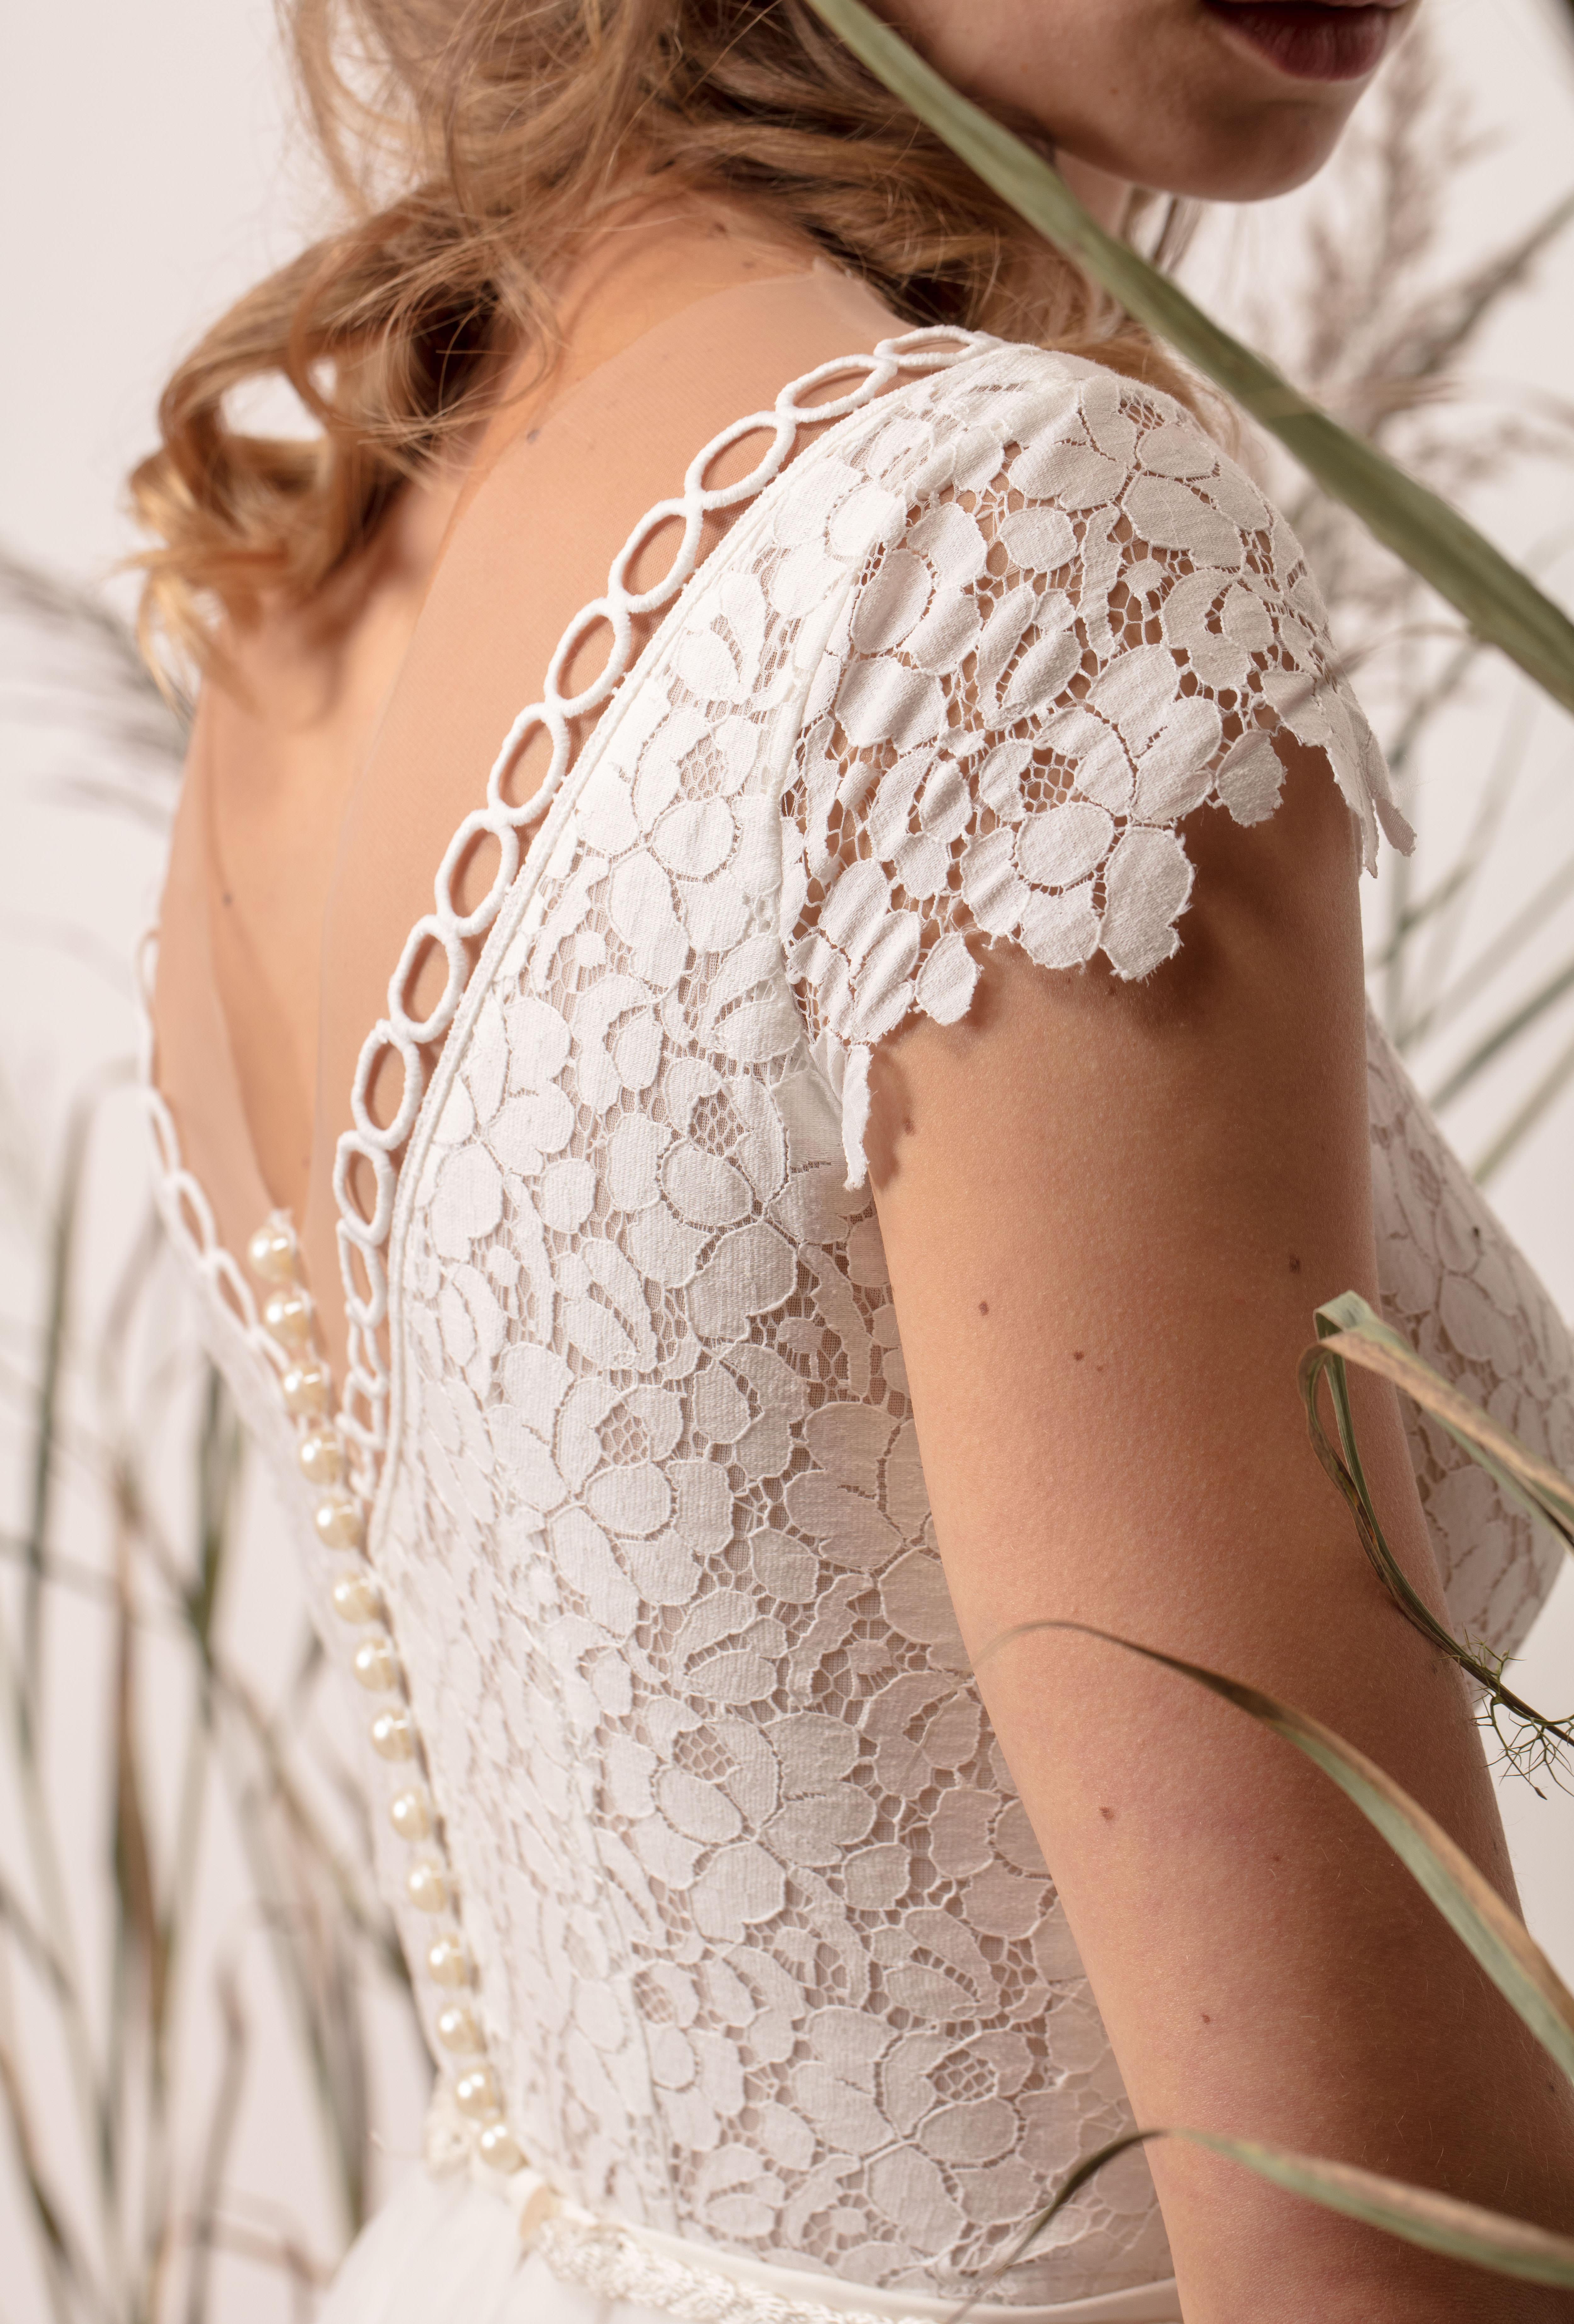 Hercegnős menyasszonyi ruha csipke felsőrésszel